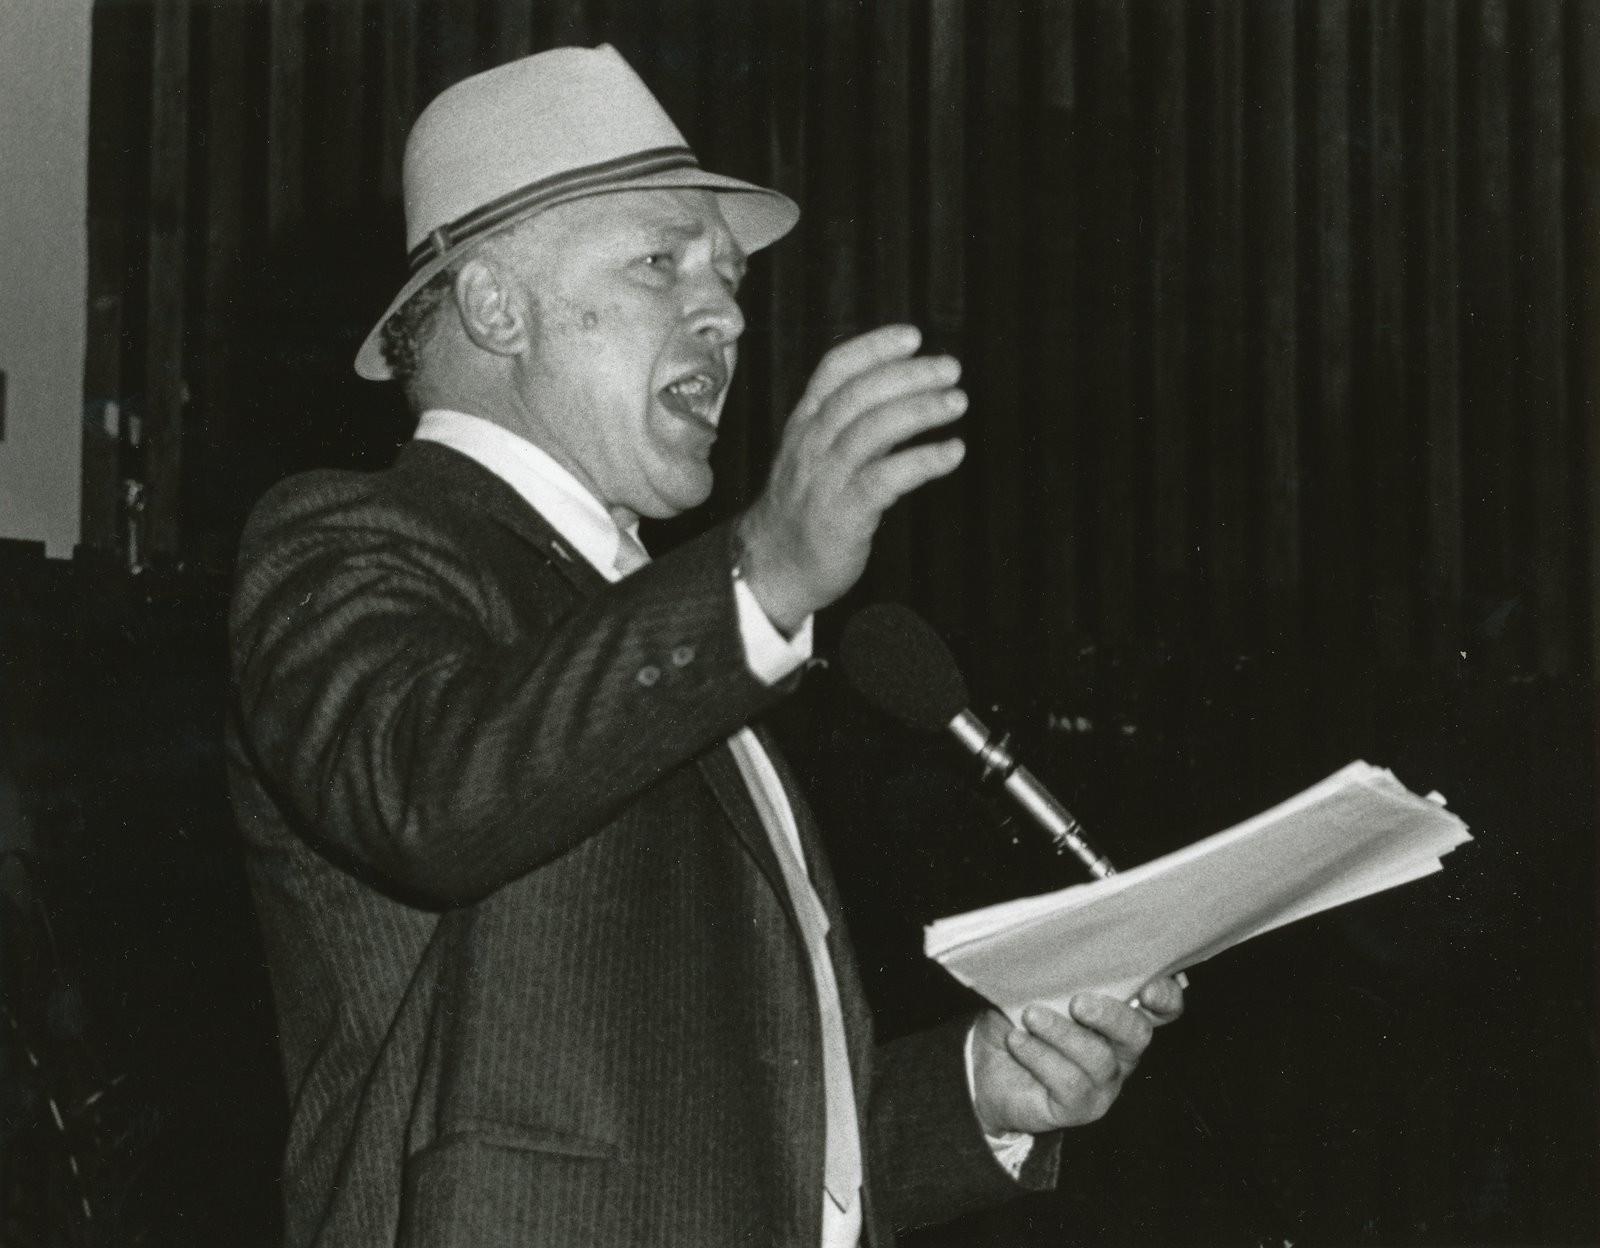 Ken Kesey, Miami Bookfair International, 1984.